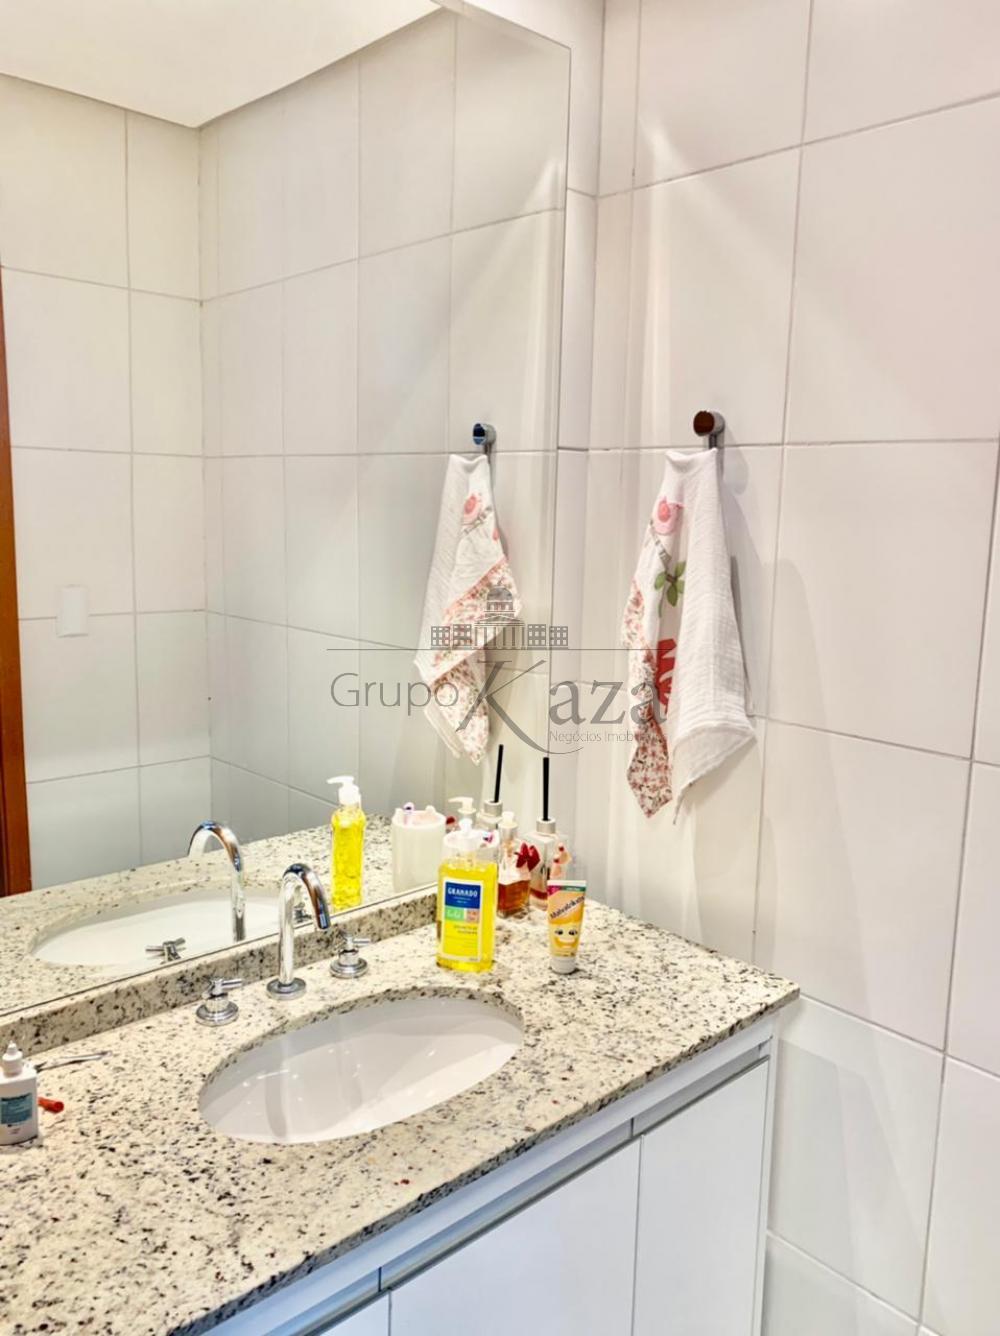 alt='Comprar Apartamento / Padrão em São José dos Campos R$ 855.000,00 - Foto 22' title='Comprar Apartamento / Padrão em São José dos Campos R$ 855.000,00 - Foto 22'